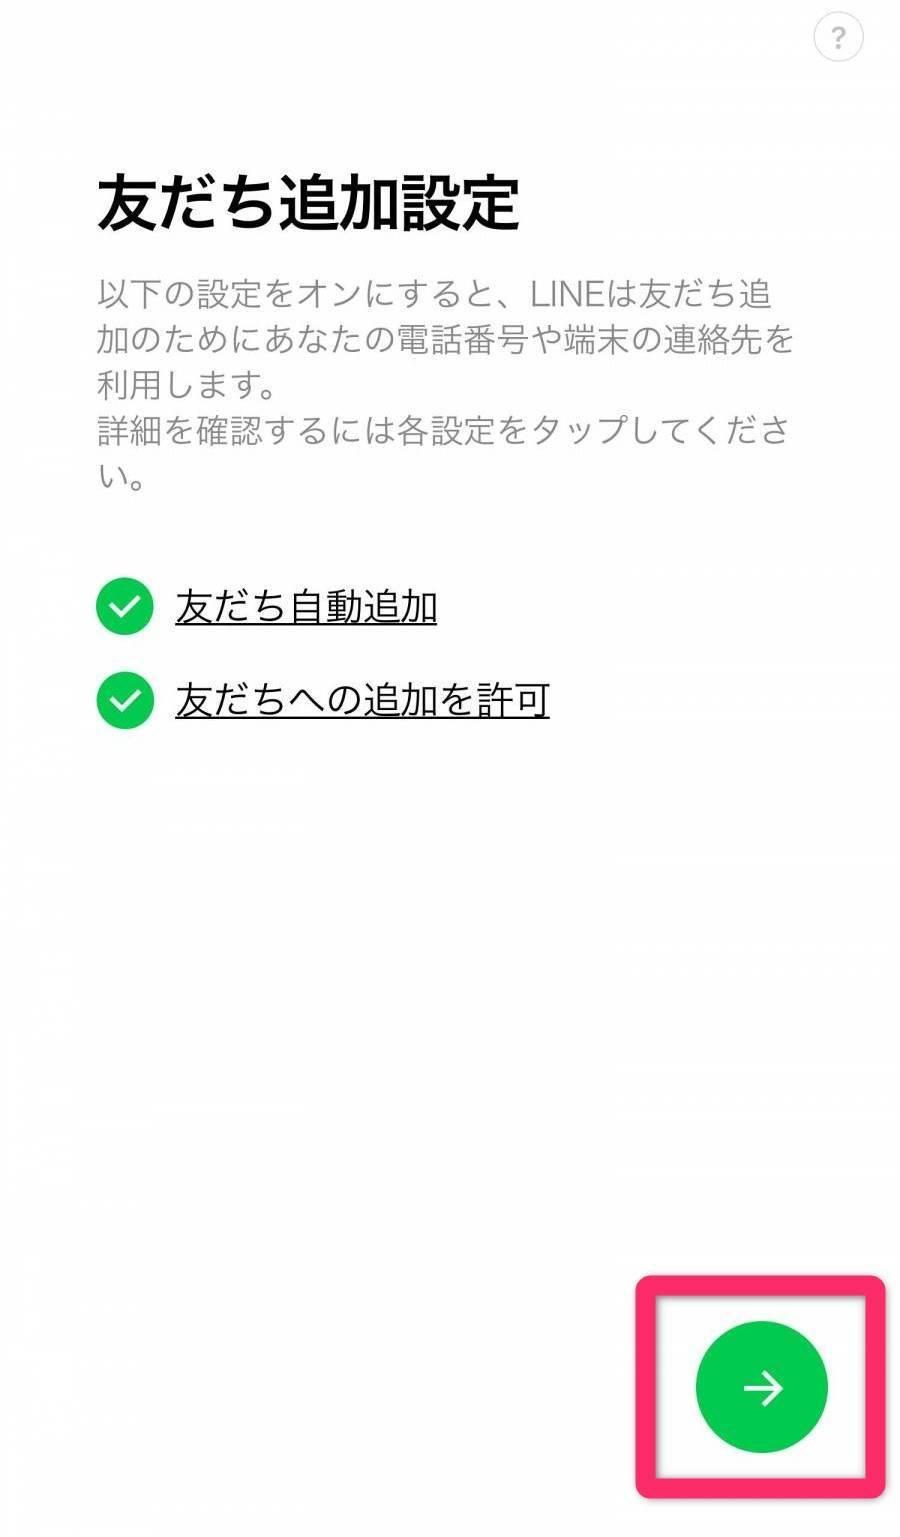 LINE 新規登録